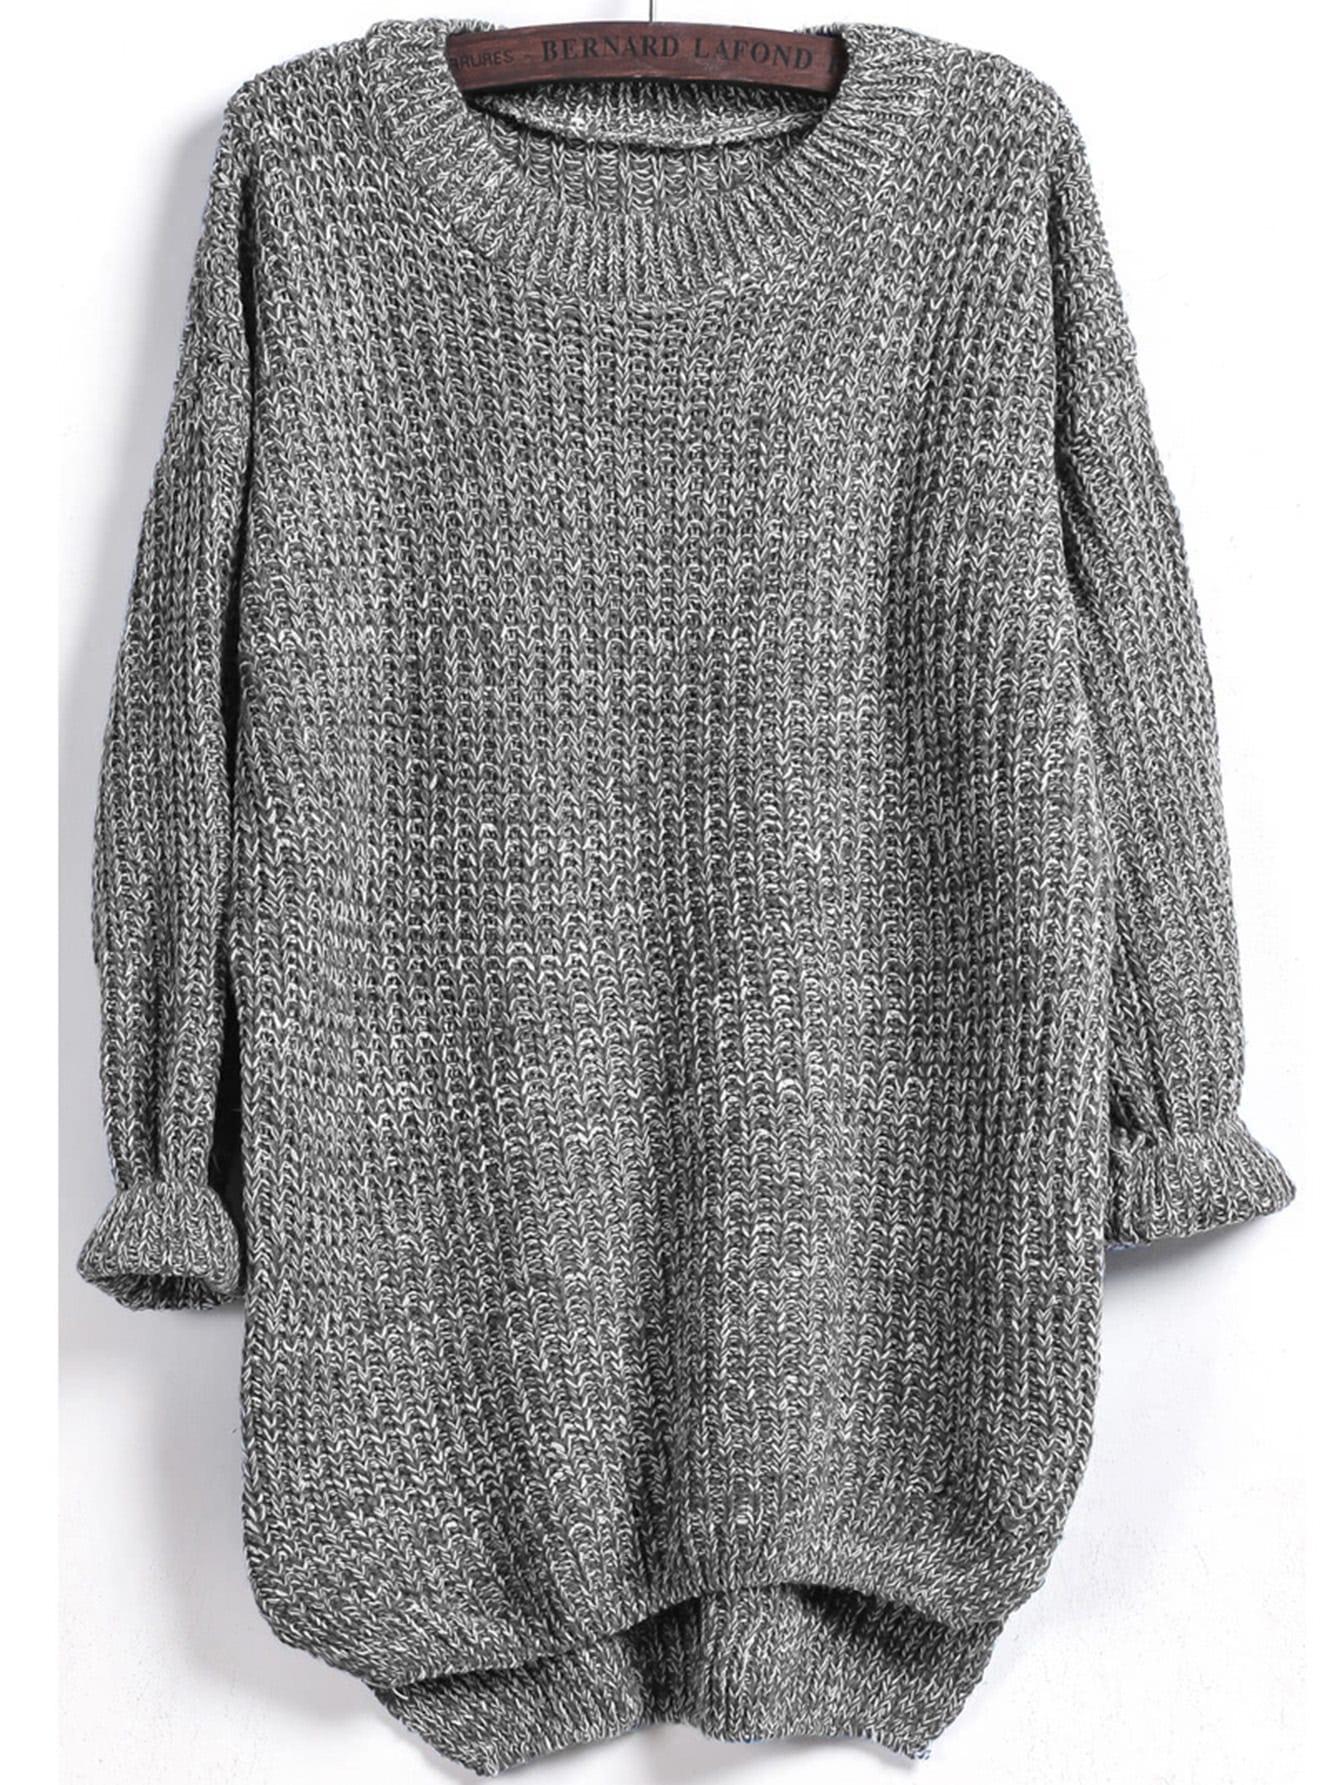 Dip Hem Marled Knit Jumper two tone marled knit jumper